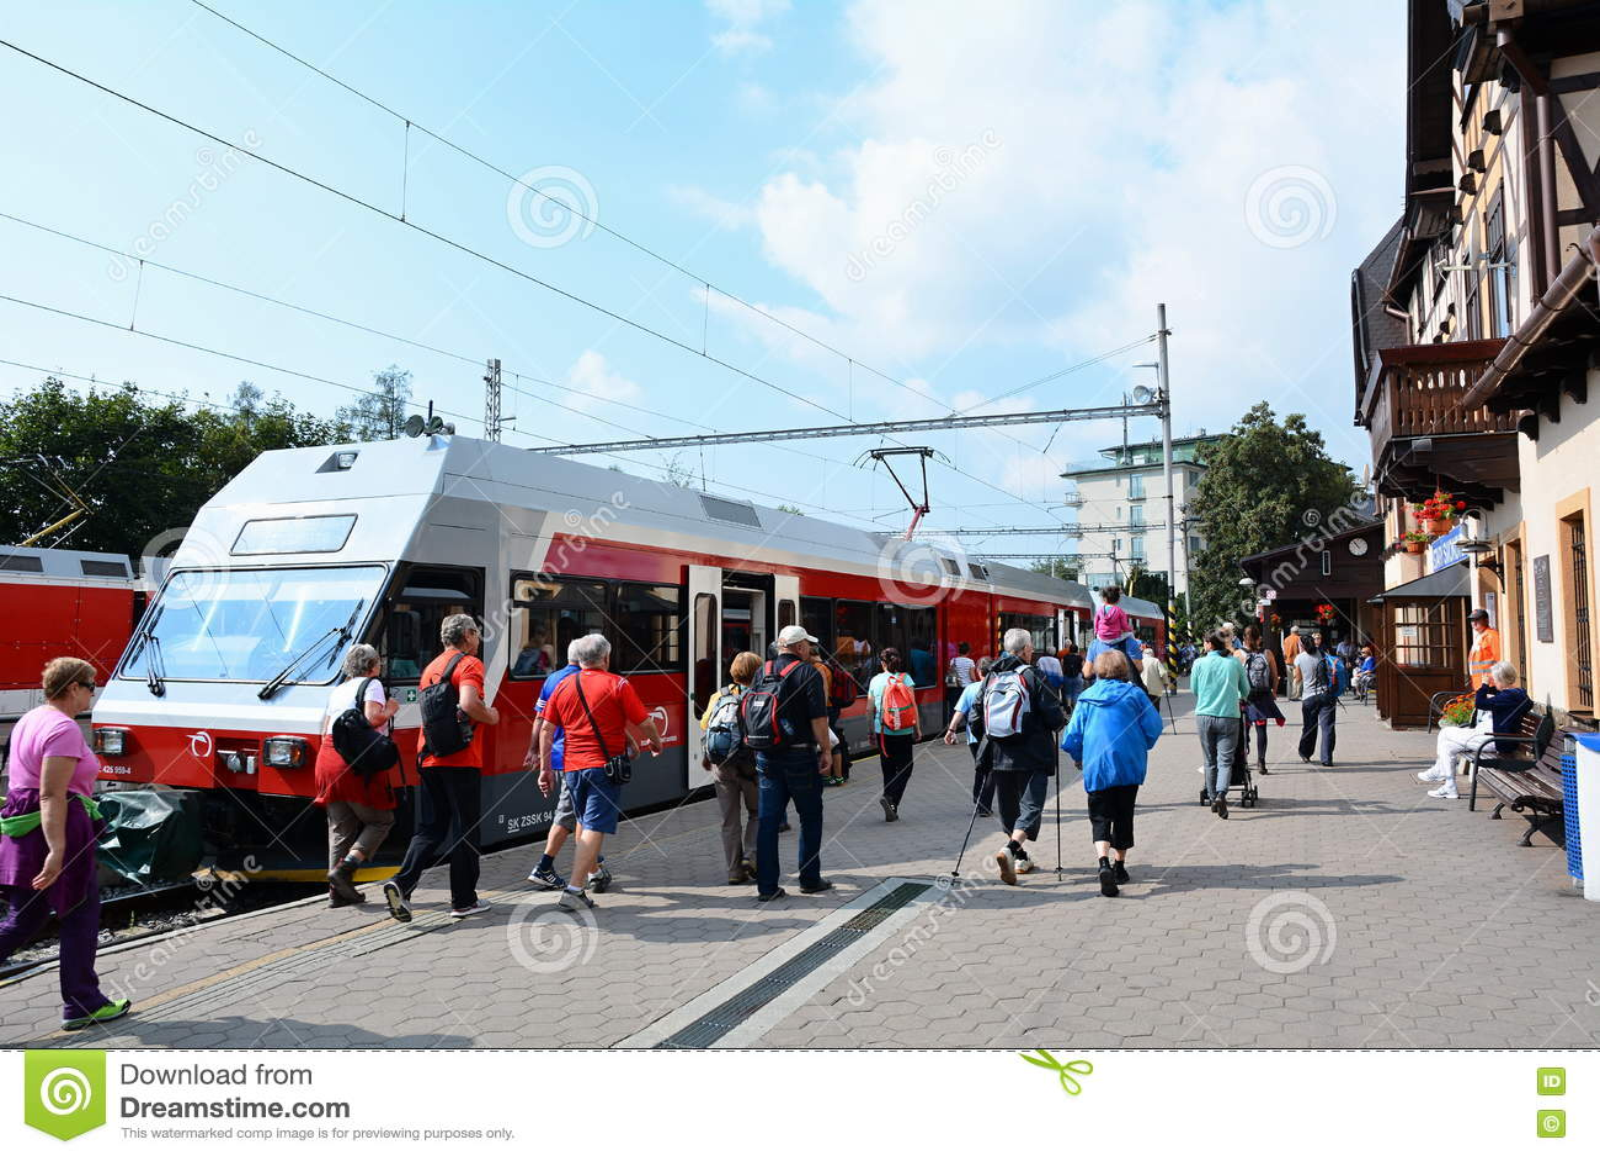 Stary Smokovec火车站